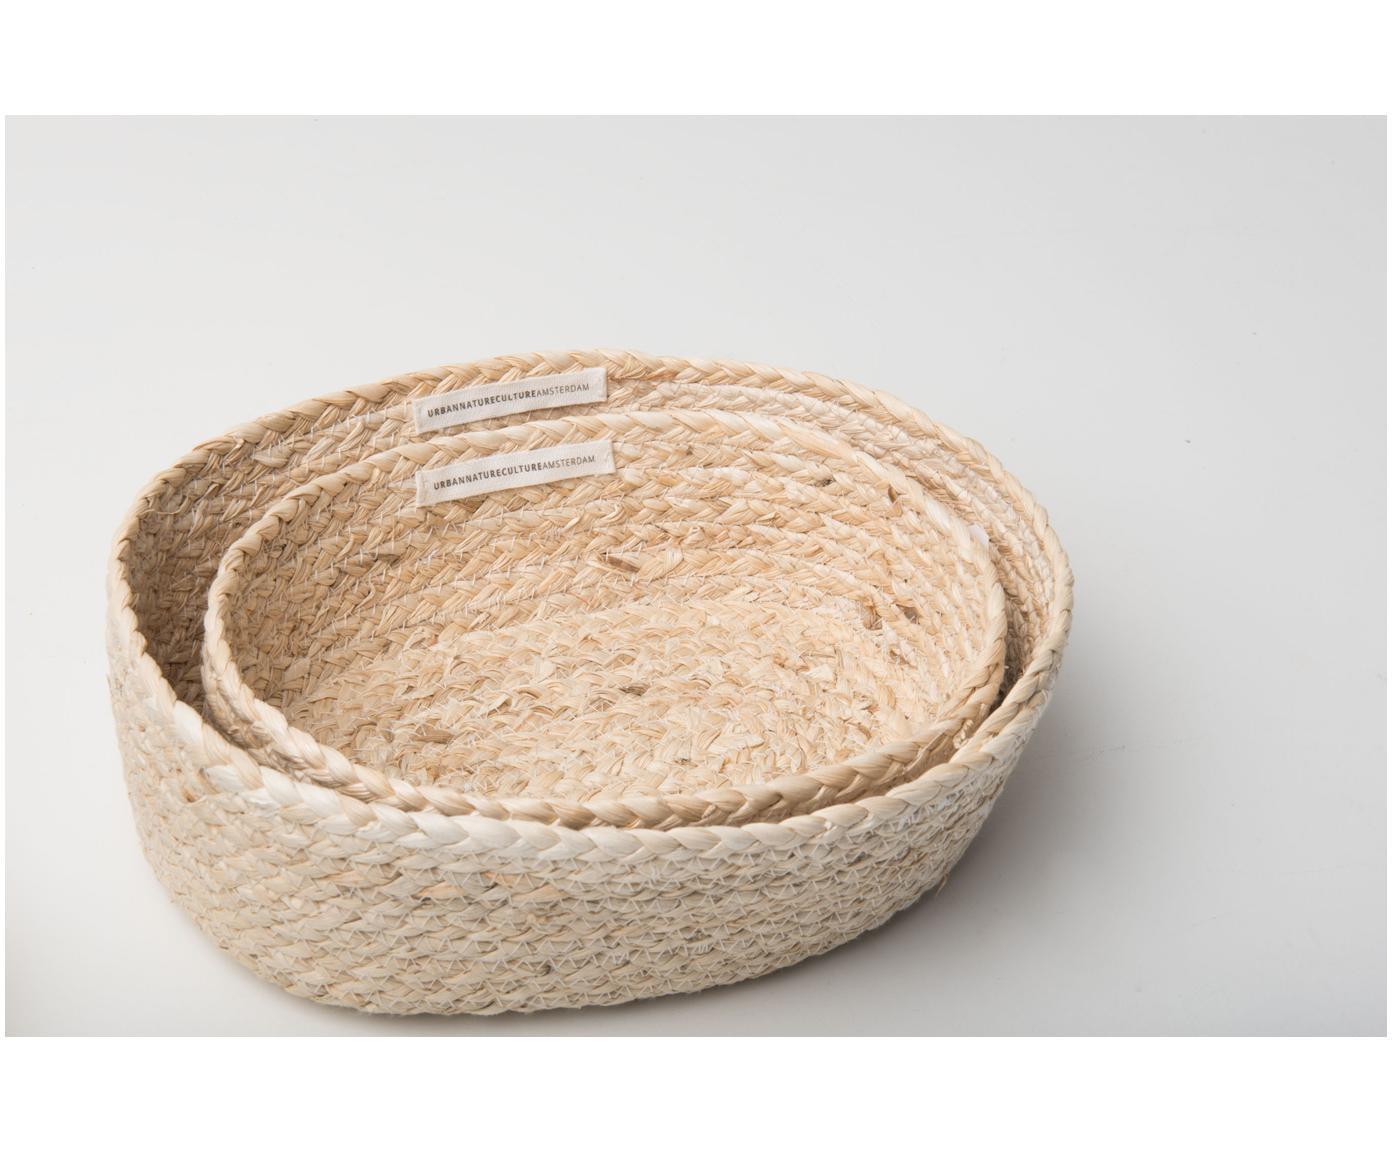 Set de paneras artesanales Corn, 2pzas., Hojas de maíz, trenzadas, Beige claro, Tamaños diferentes